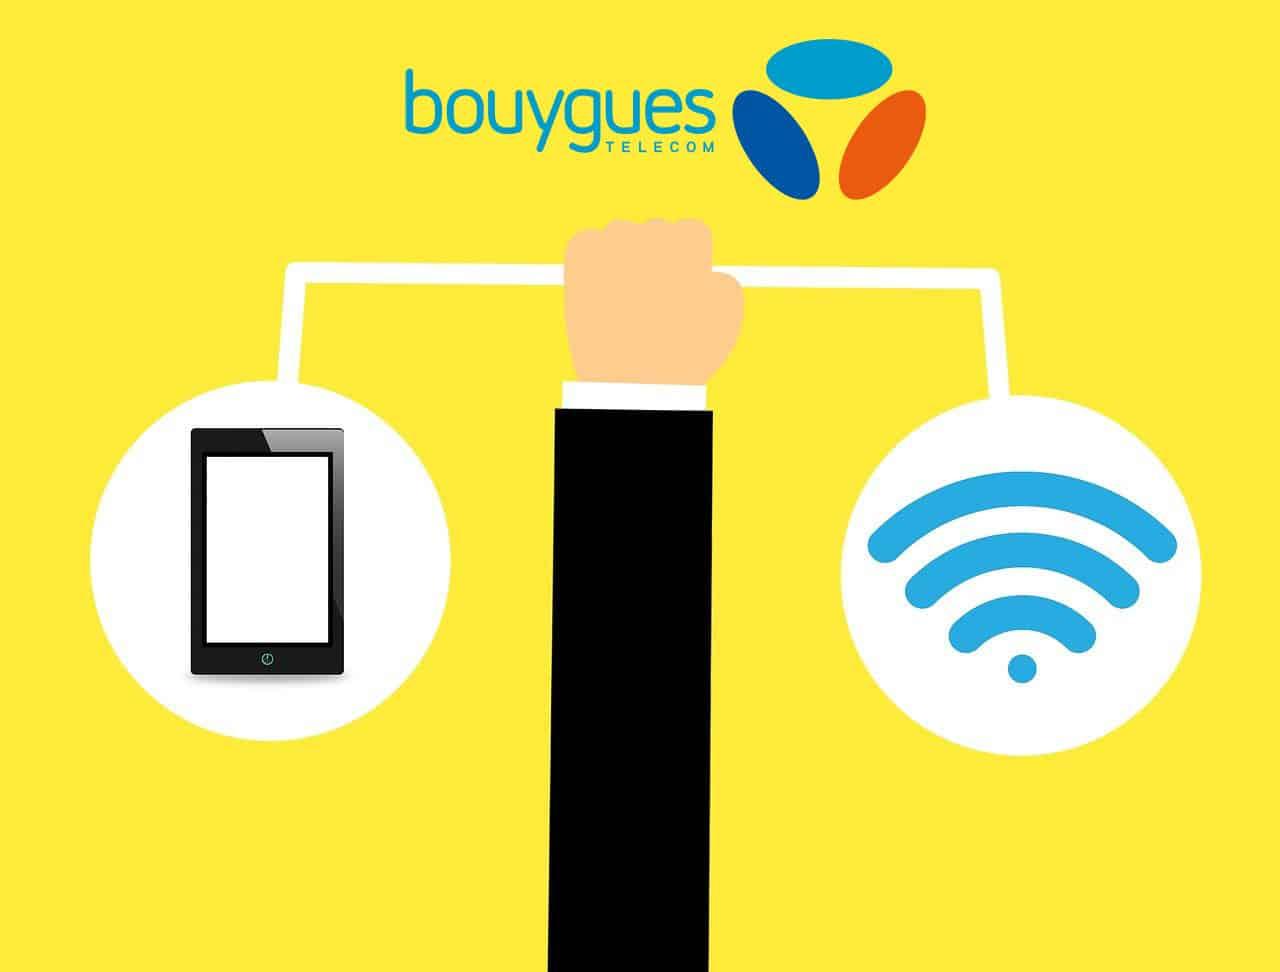 Design motion, représentant une main tenant une tablette et un icône wifi sur fond jaune Bouygues Télécom